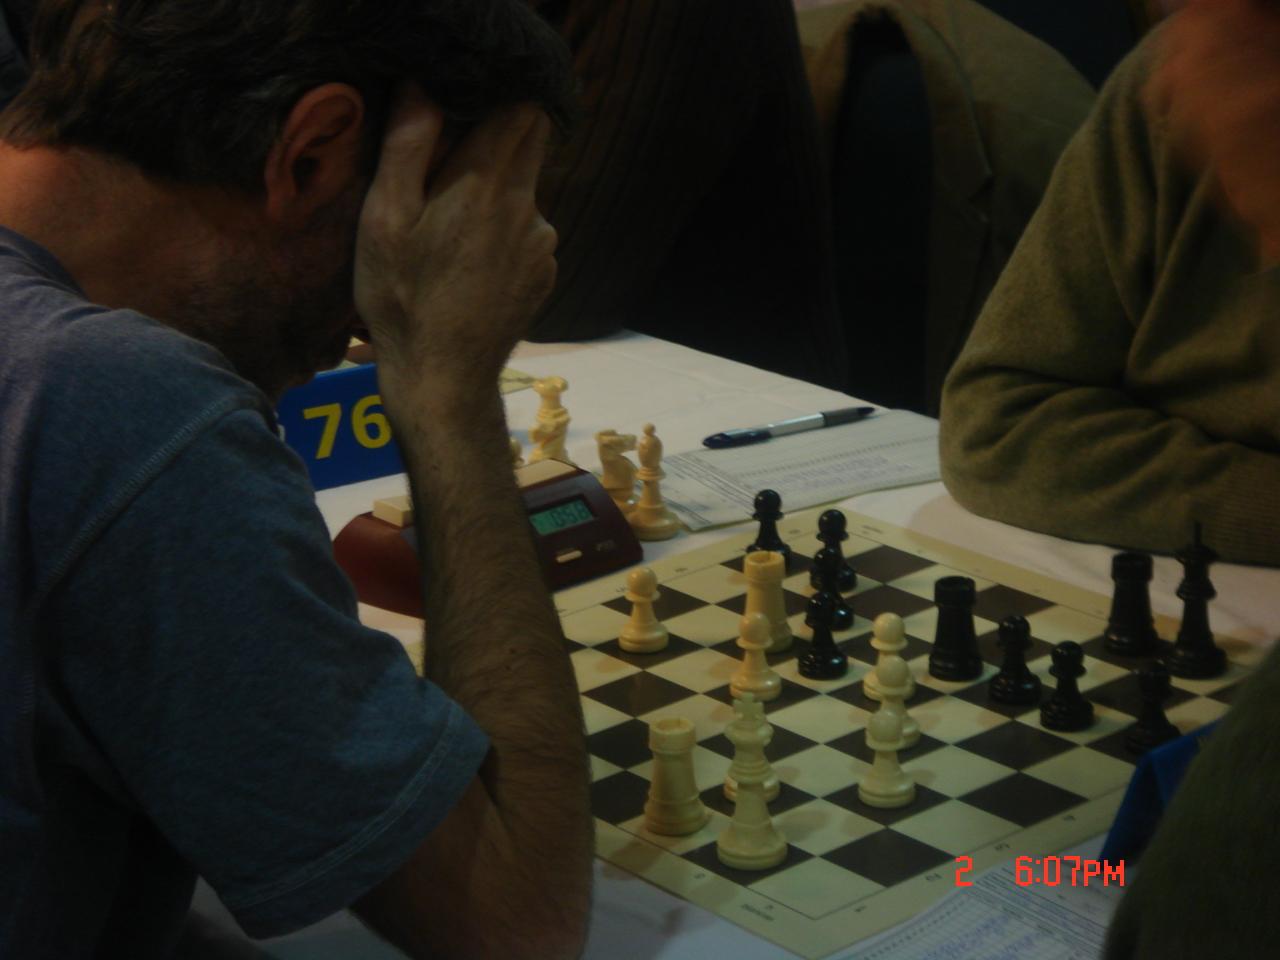 cezar-executand-atacul-minoritatii-in-final-de-turnuri2